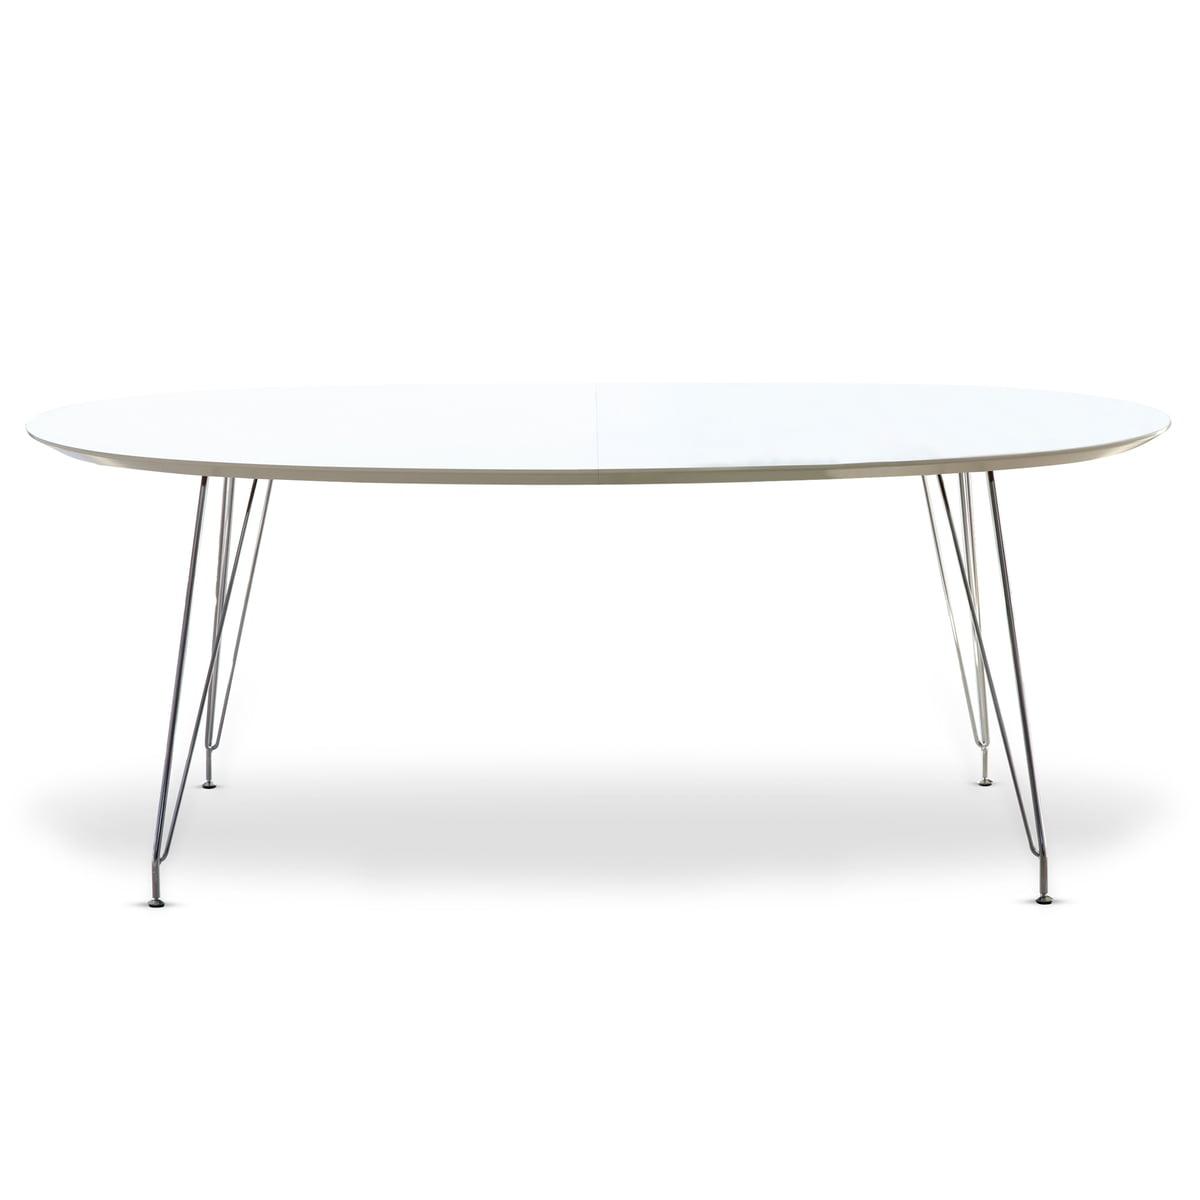 Esstisch weiß oval  DK10 Esstisch von Andersen Furniture